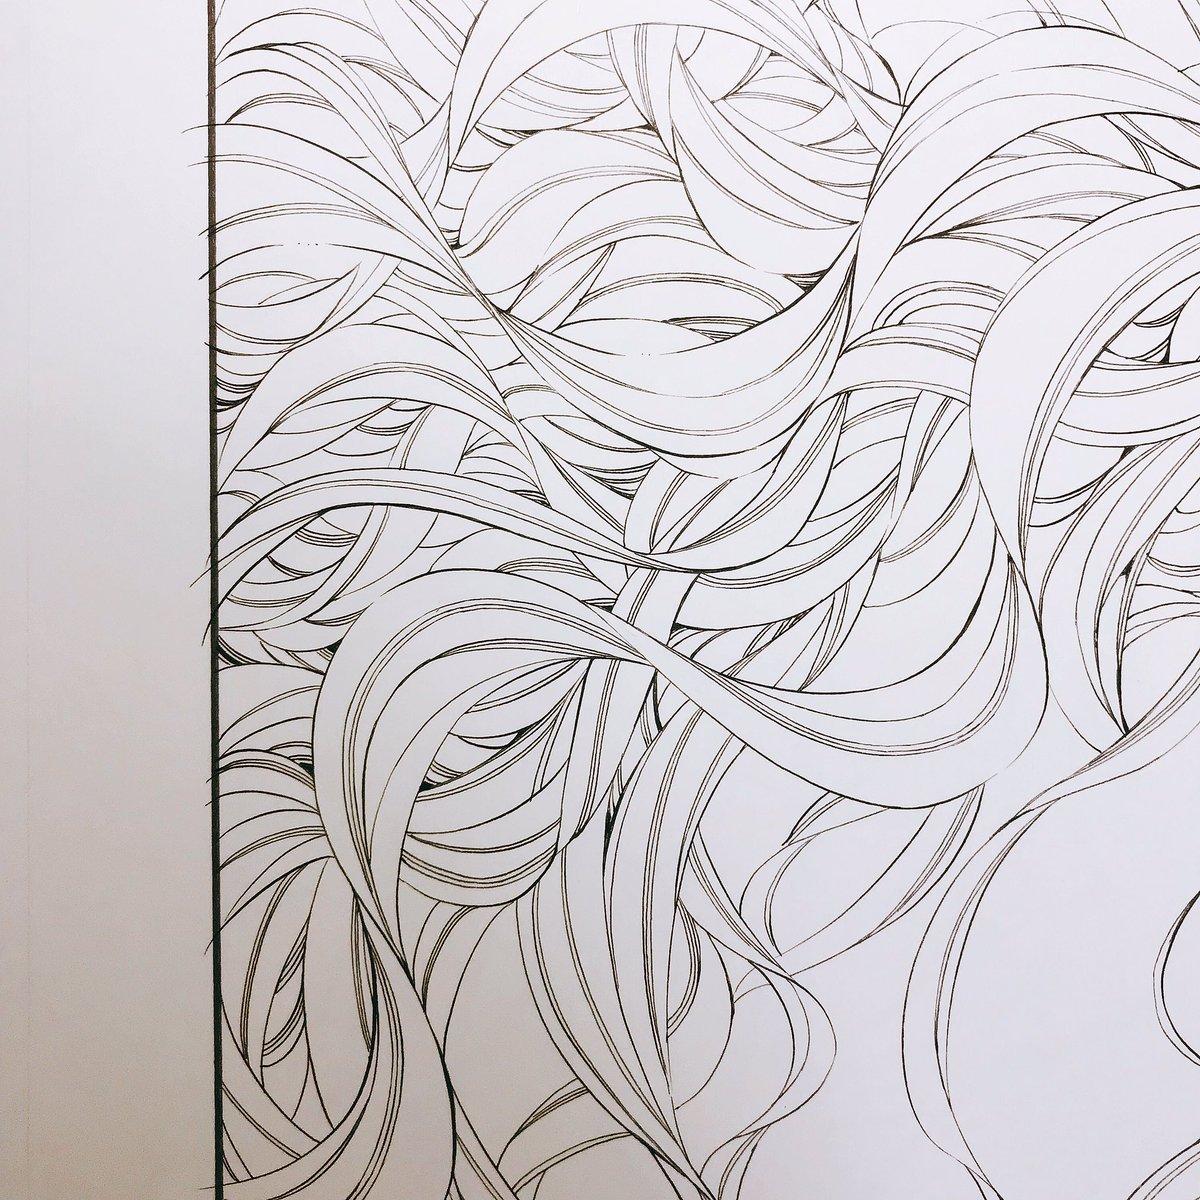 描いても描いても髪の毛のペン入れが終わらない。どうなってんだ。